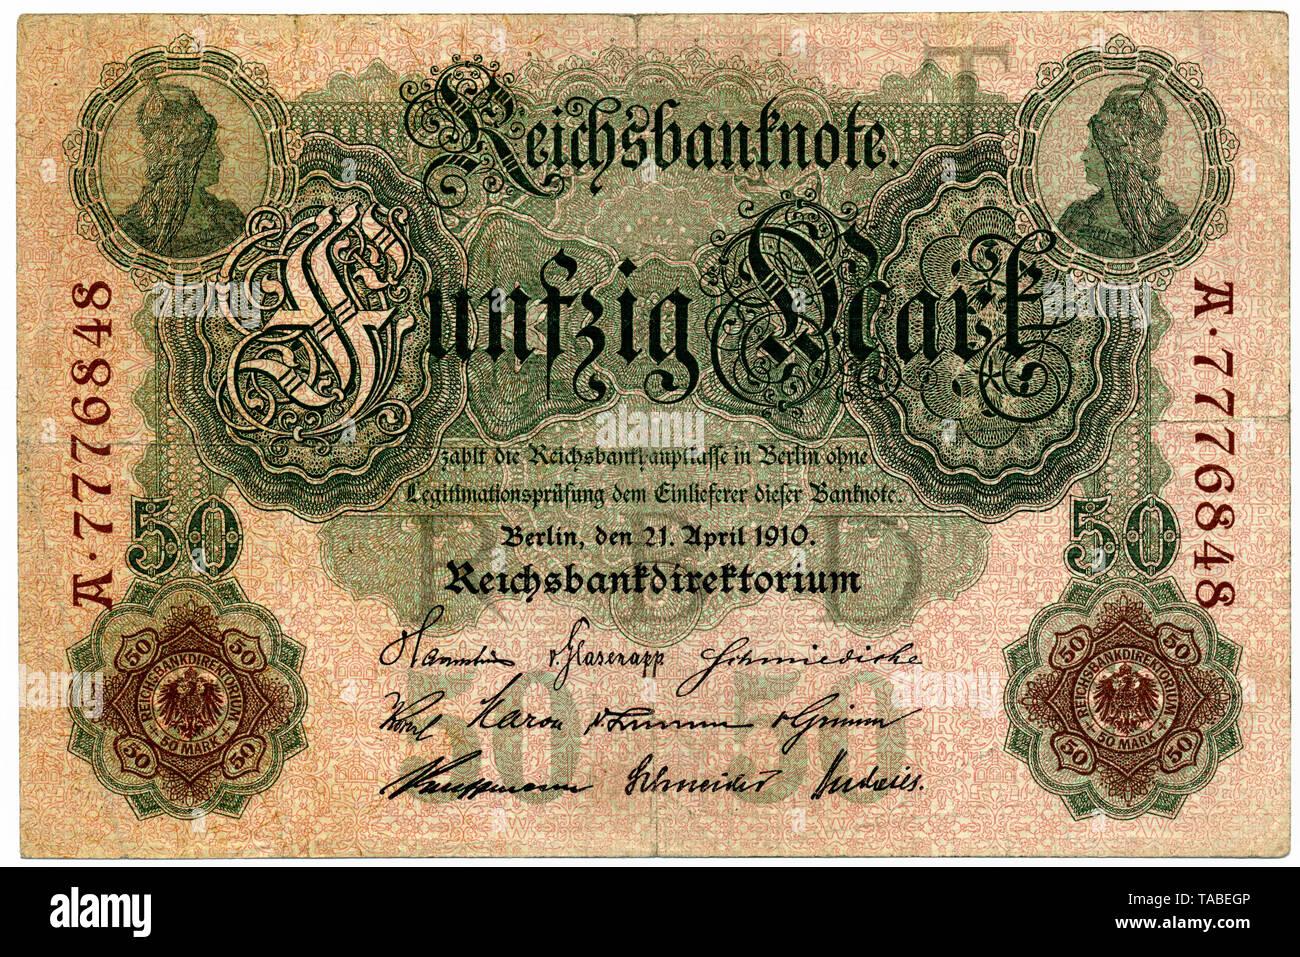 Historischer Geldschein, Reichsbanknote, zwanzig Mark, 1914, Deutschland, Europa Stockbild